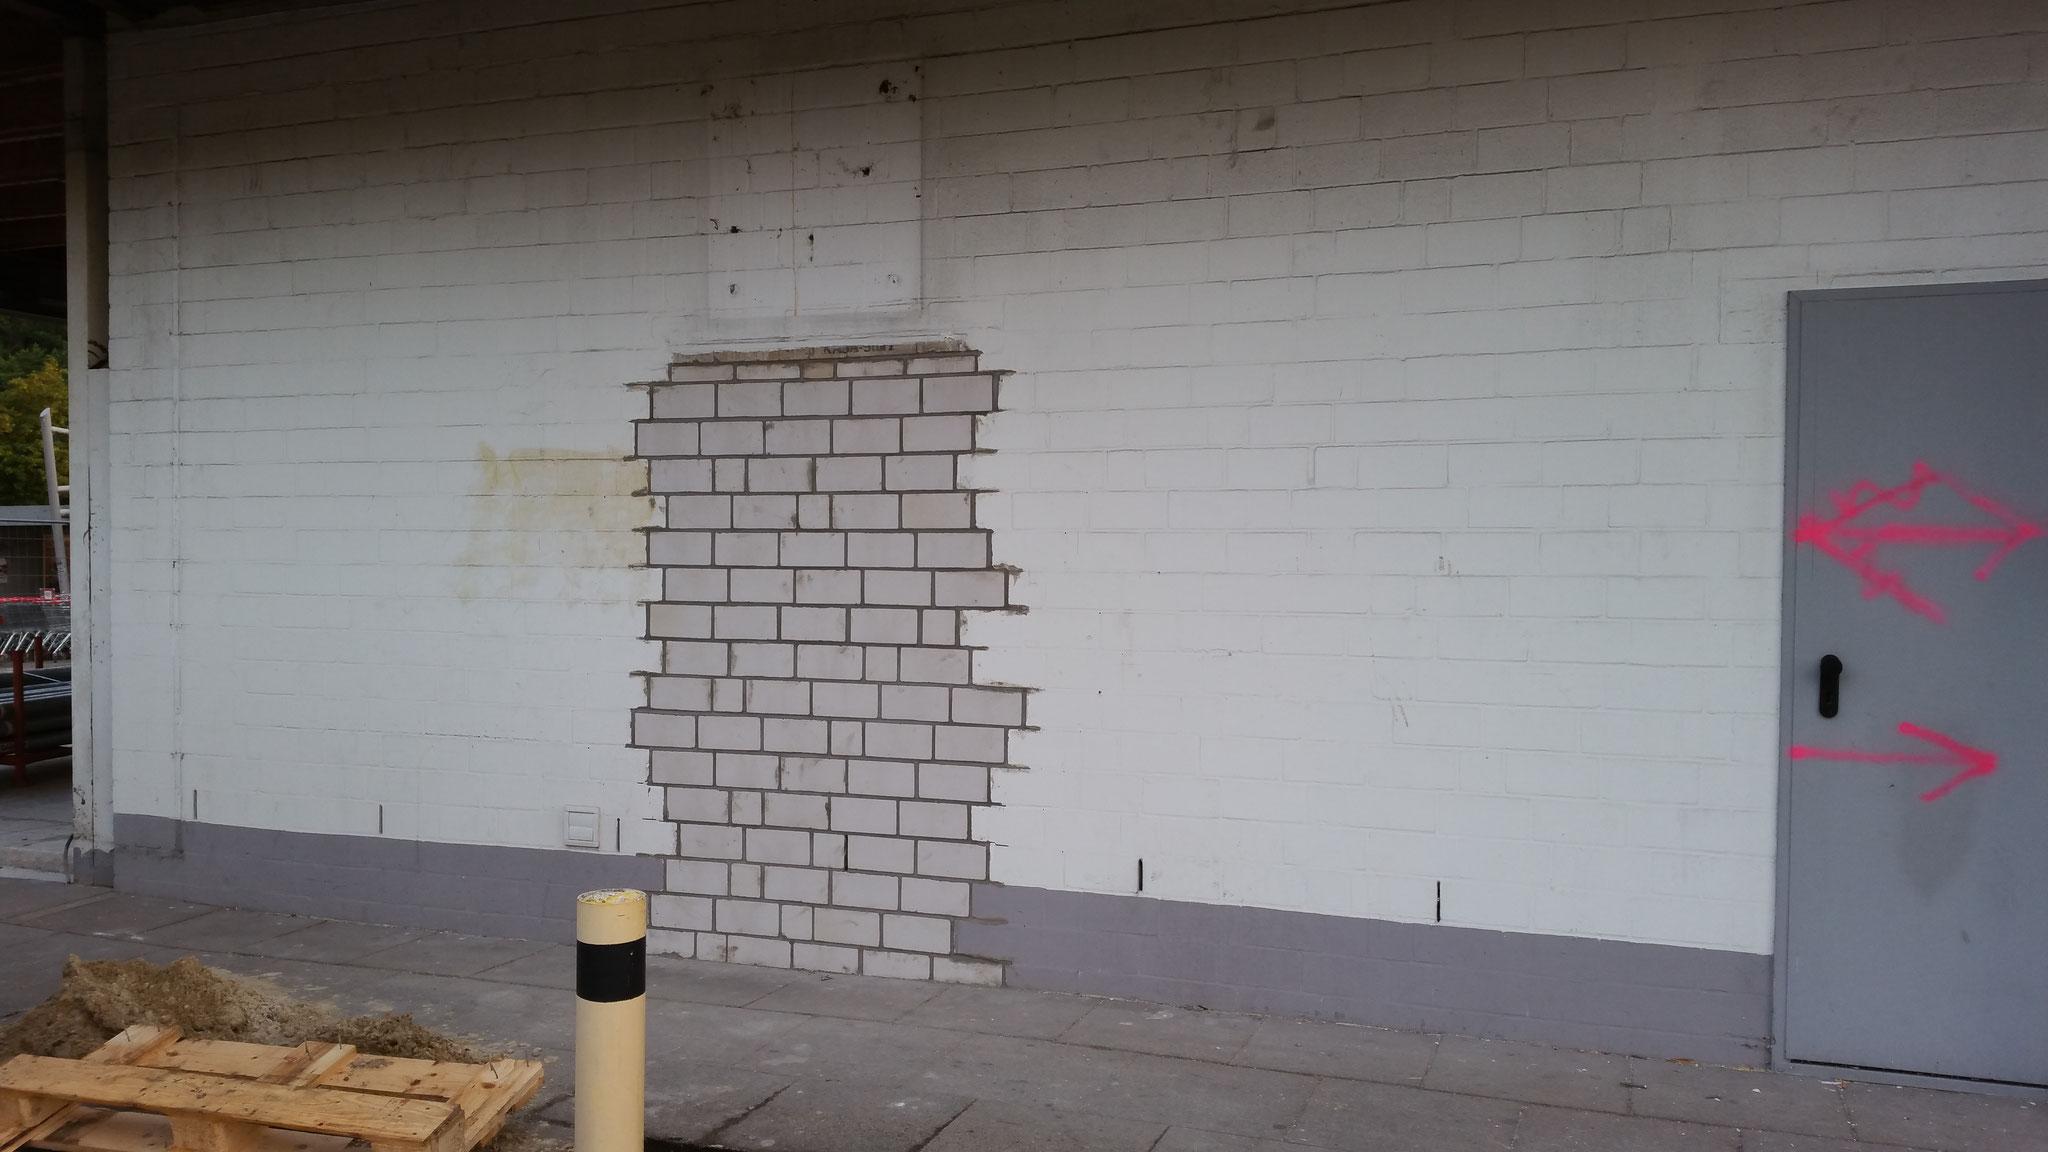 Umbauarbeiten August - November 2017